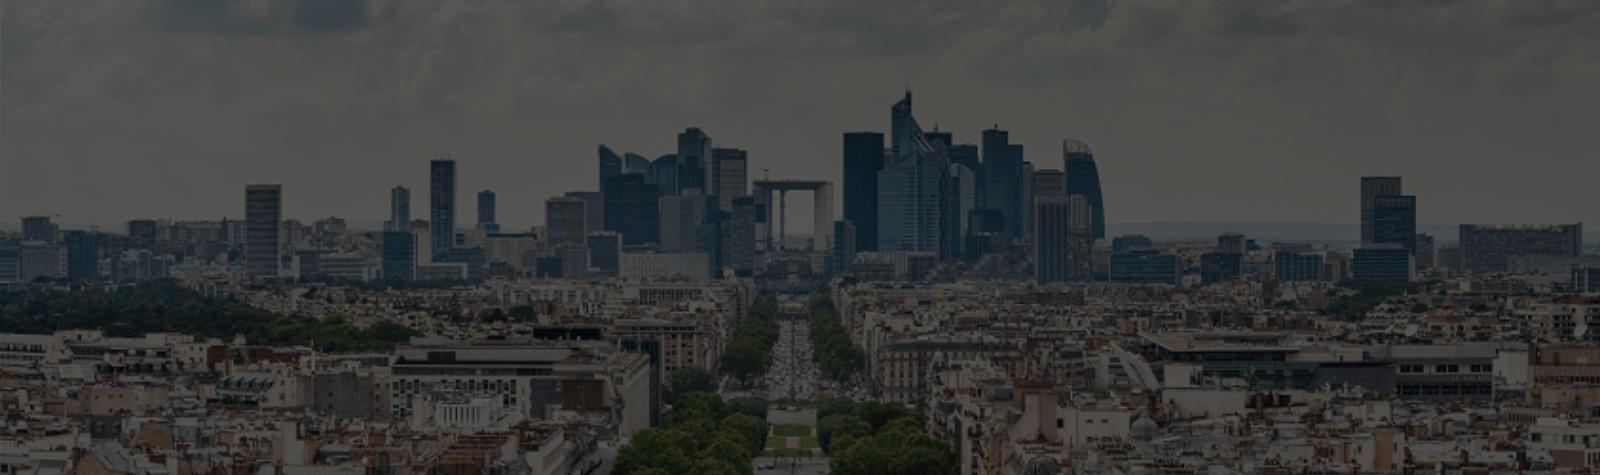 Paris La Défense souhaite se doter d'une « raison d'être » et renforce la place consacrée au développement durable dans sa stratégie